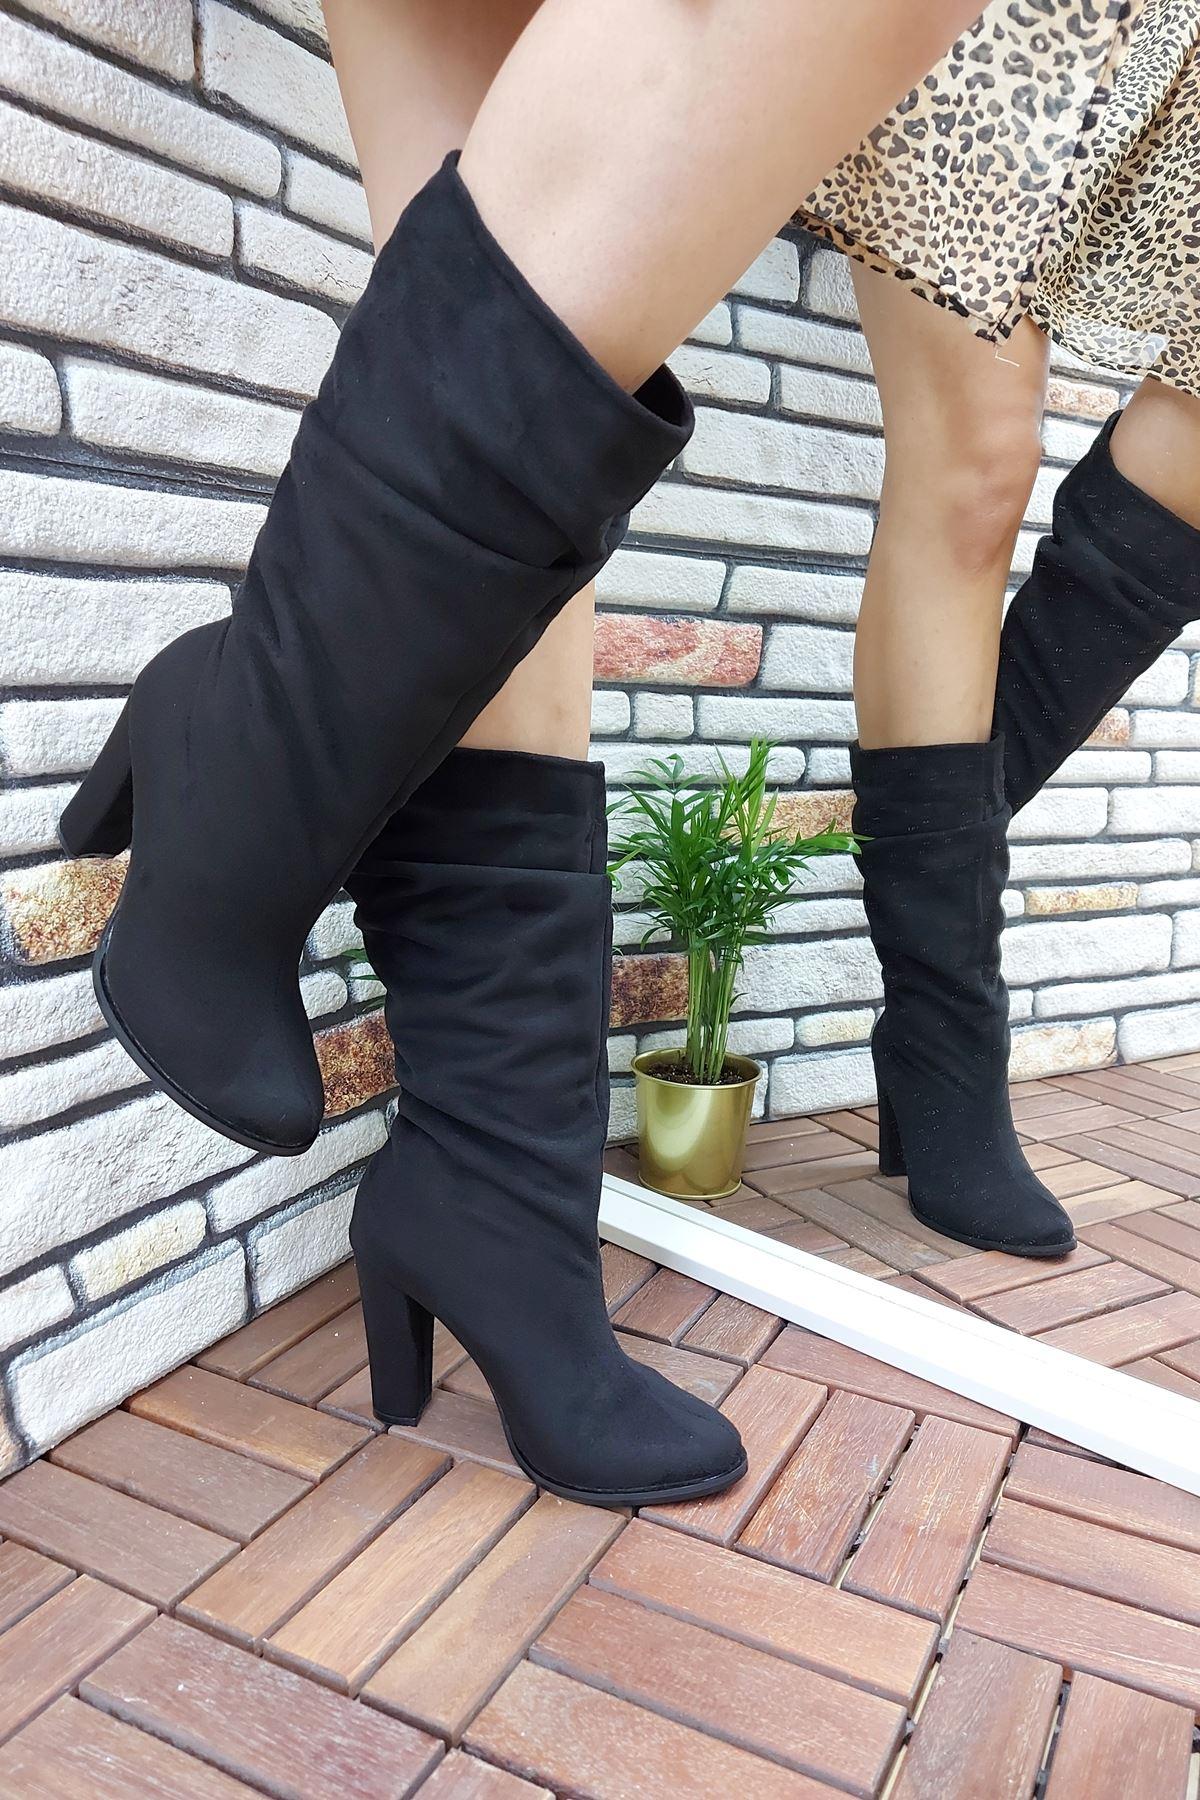 Siyah Süet Kadın Bot & Kadın Çizme